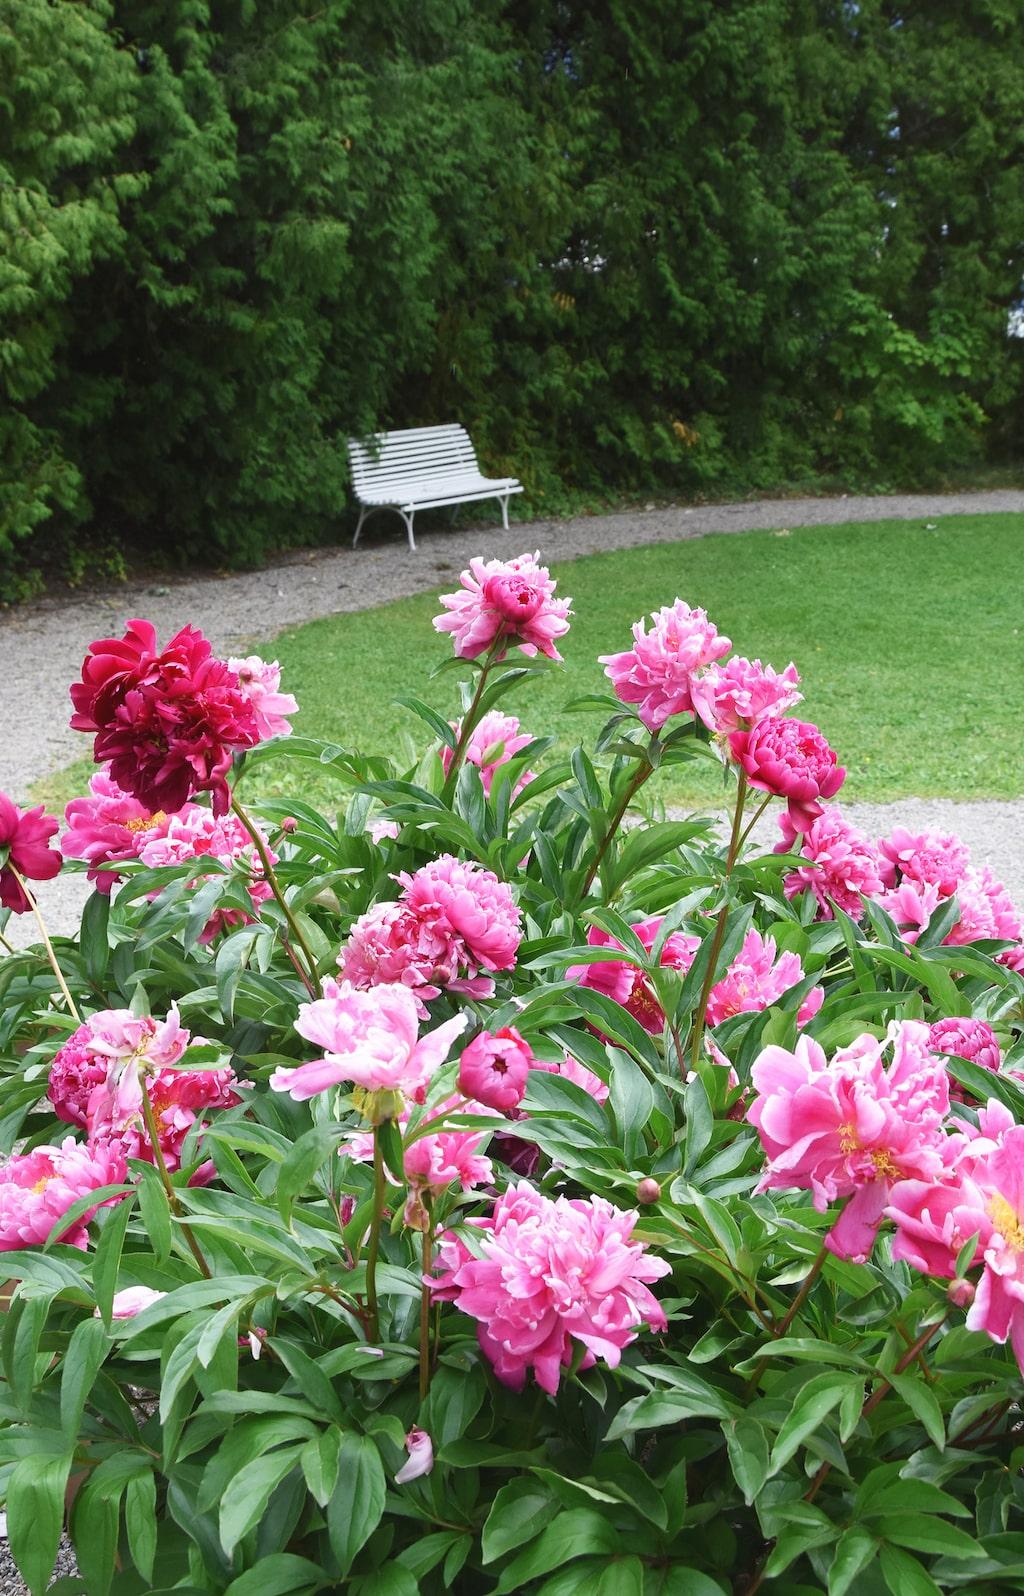 En pion växter i regel ganska långsamt. Om man köper en liten planta tar den ofta god tid på sig innan den blommar.